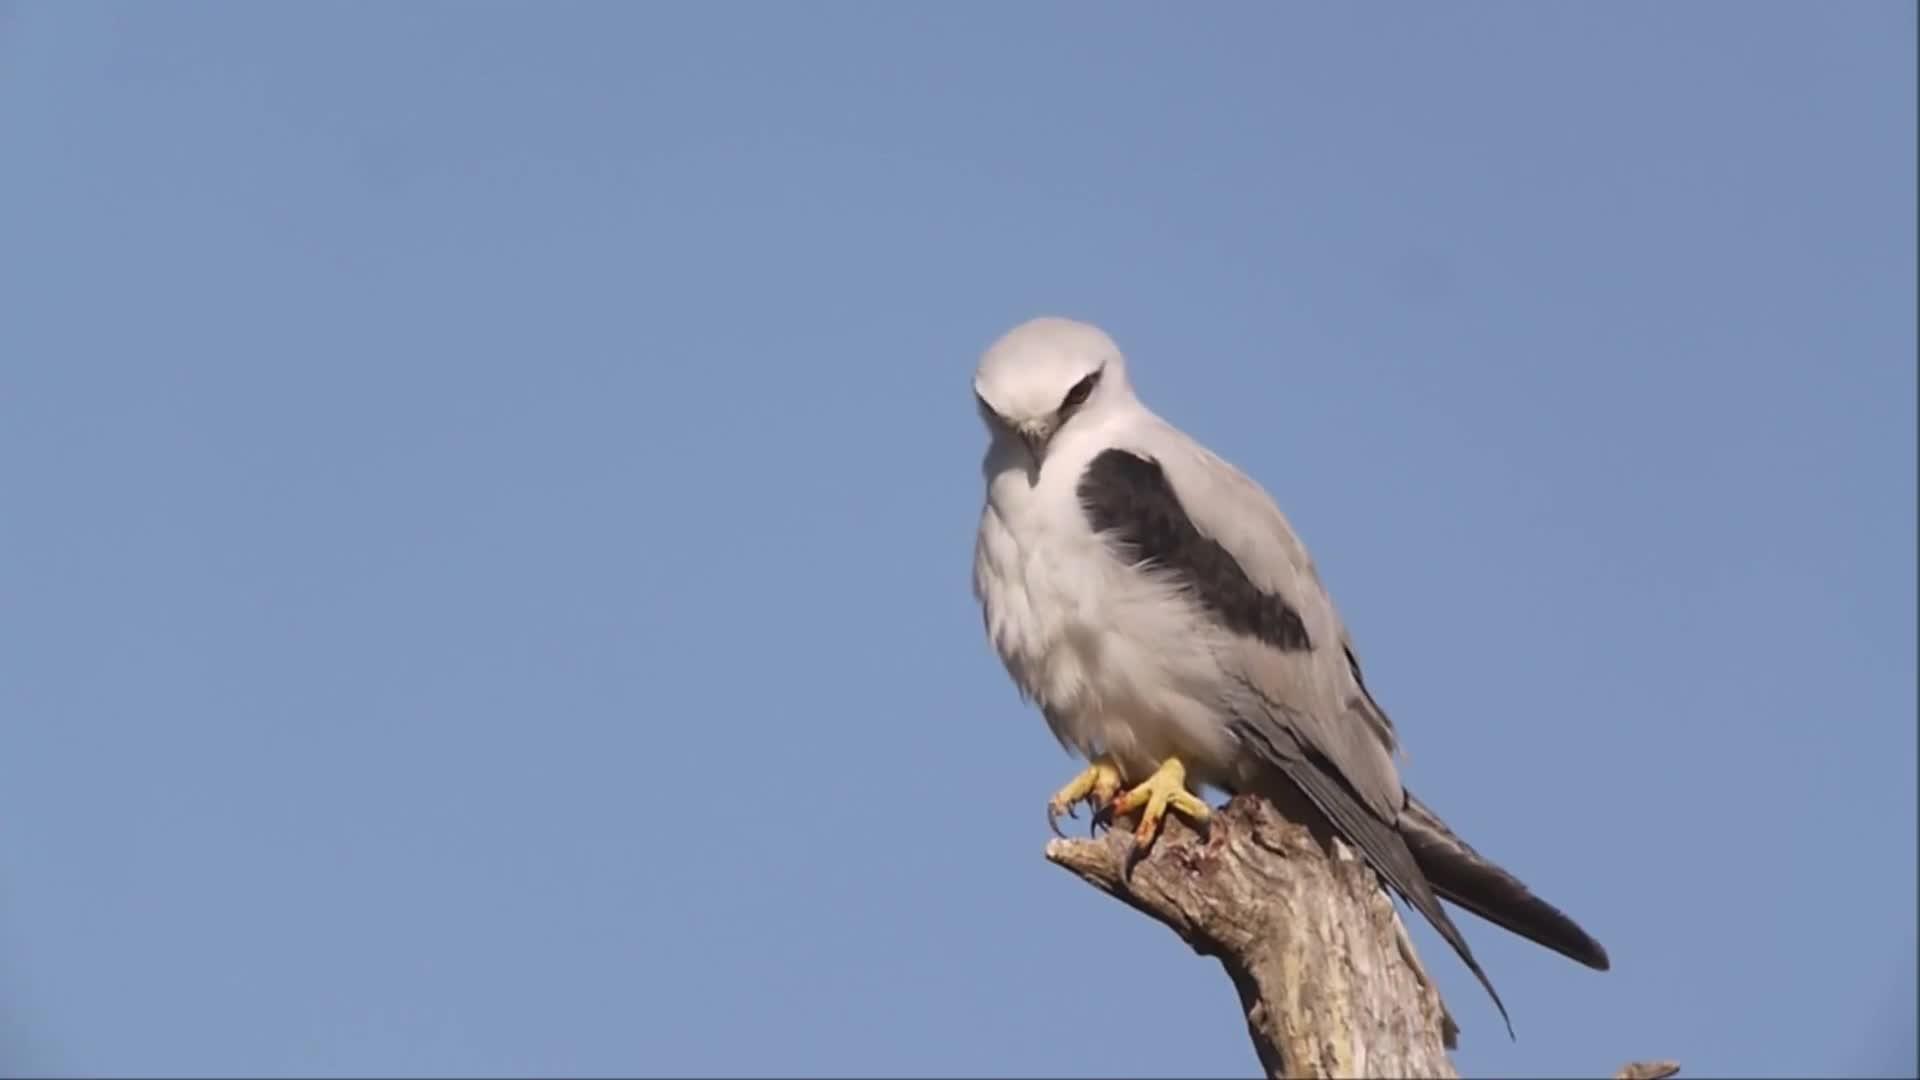 Black-winged Kite, Elanio azul, Elanio común, Elanus caeruleus, HERKEN DE GRIJZE WOUW, Peneireiro cinzento, grijze wouw, דאה שחורת-כתף, HERKEN DE GRIJZE WOUW GIFs